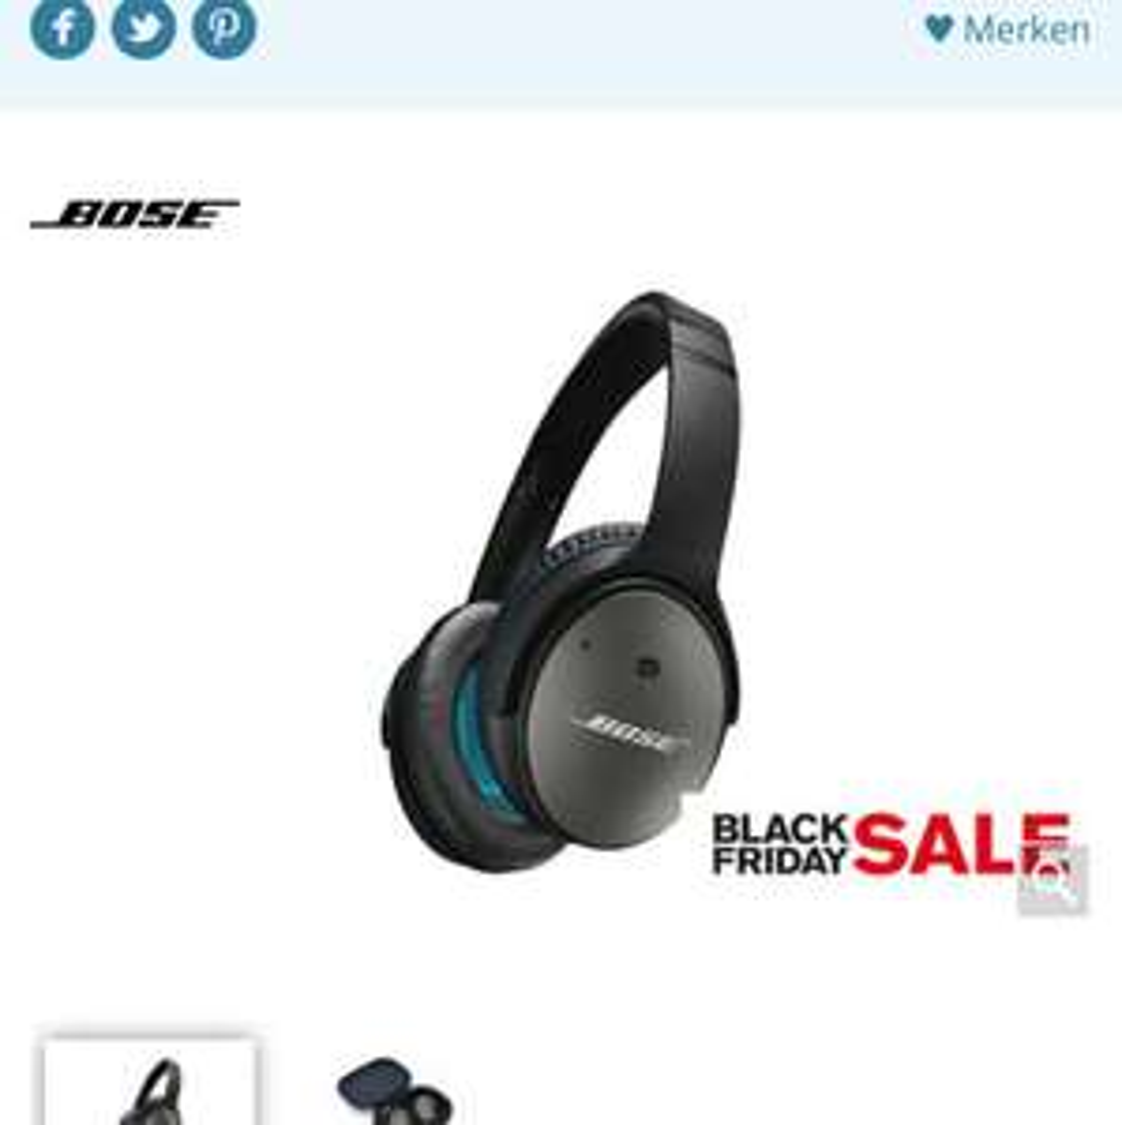 [SCHWEIZ] Bose Quiet Comfort QC25 bei Brack.ch für CHF 149 (ca. 129€)